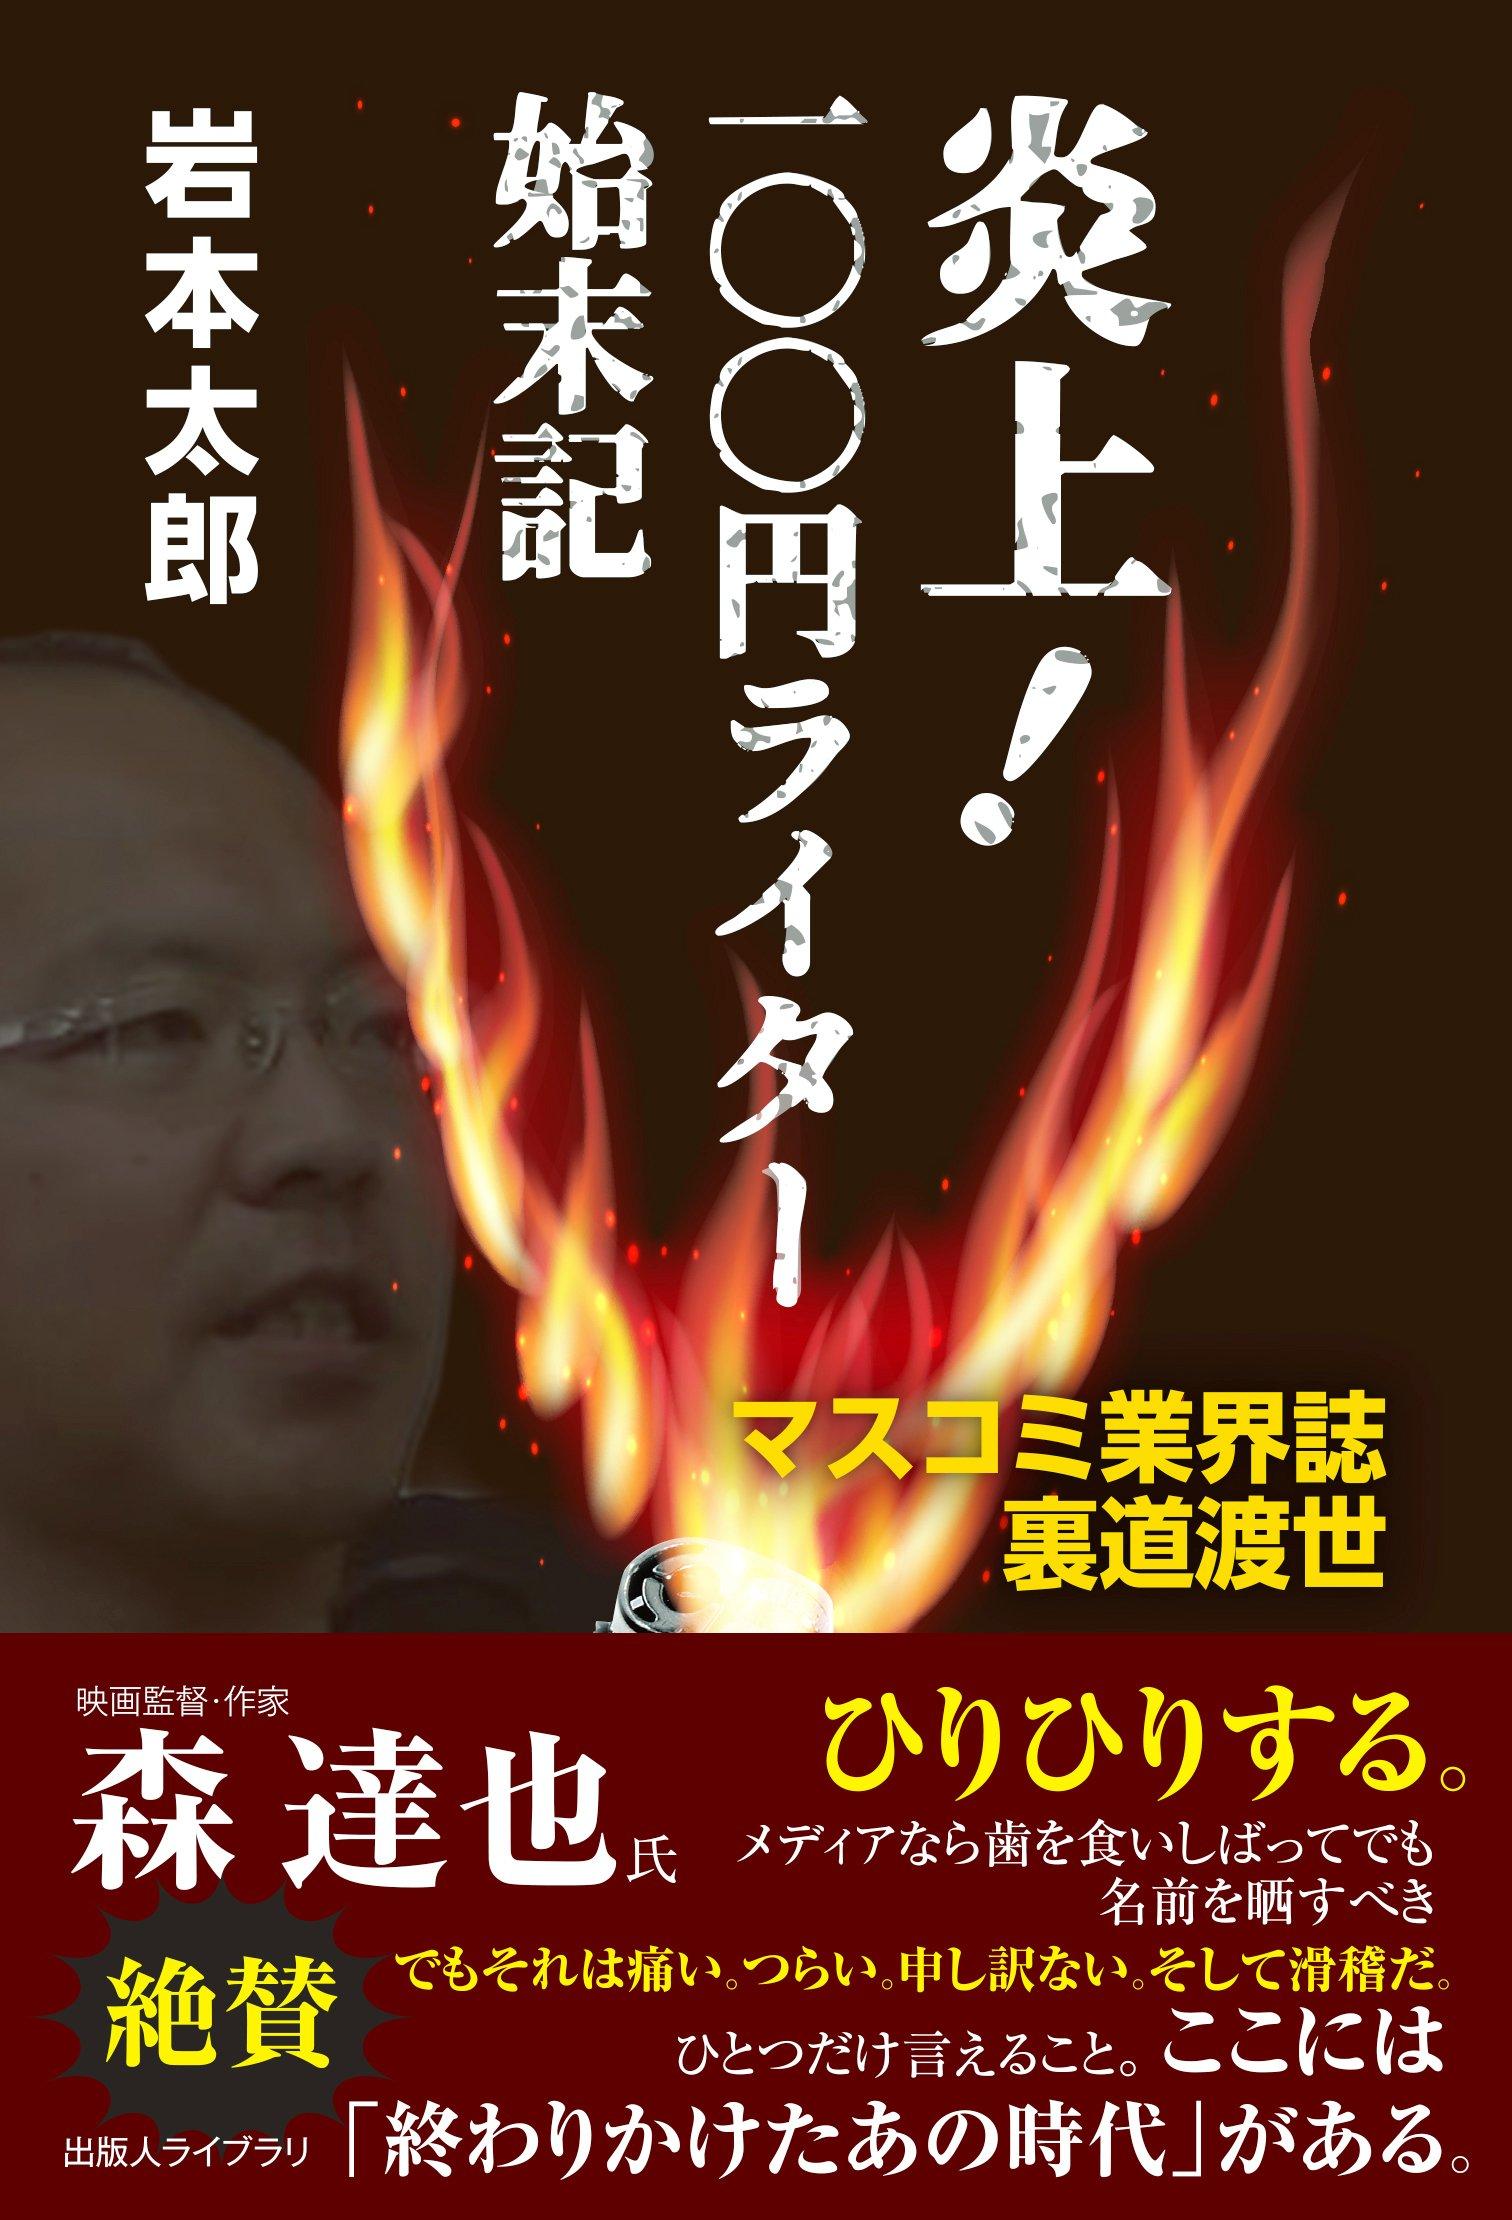 岩本太郎 「炎上! 一〇〇円ライター始末記: マスコミ業界誌裏道渡世」